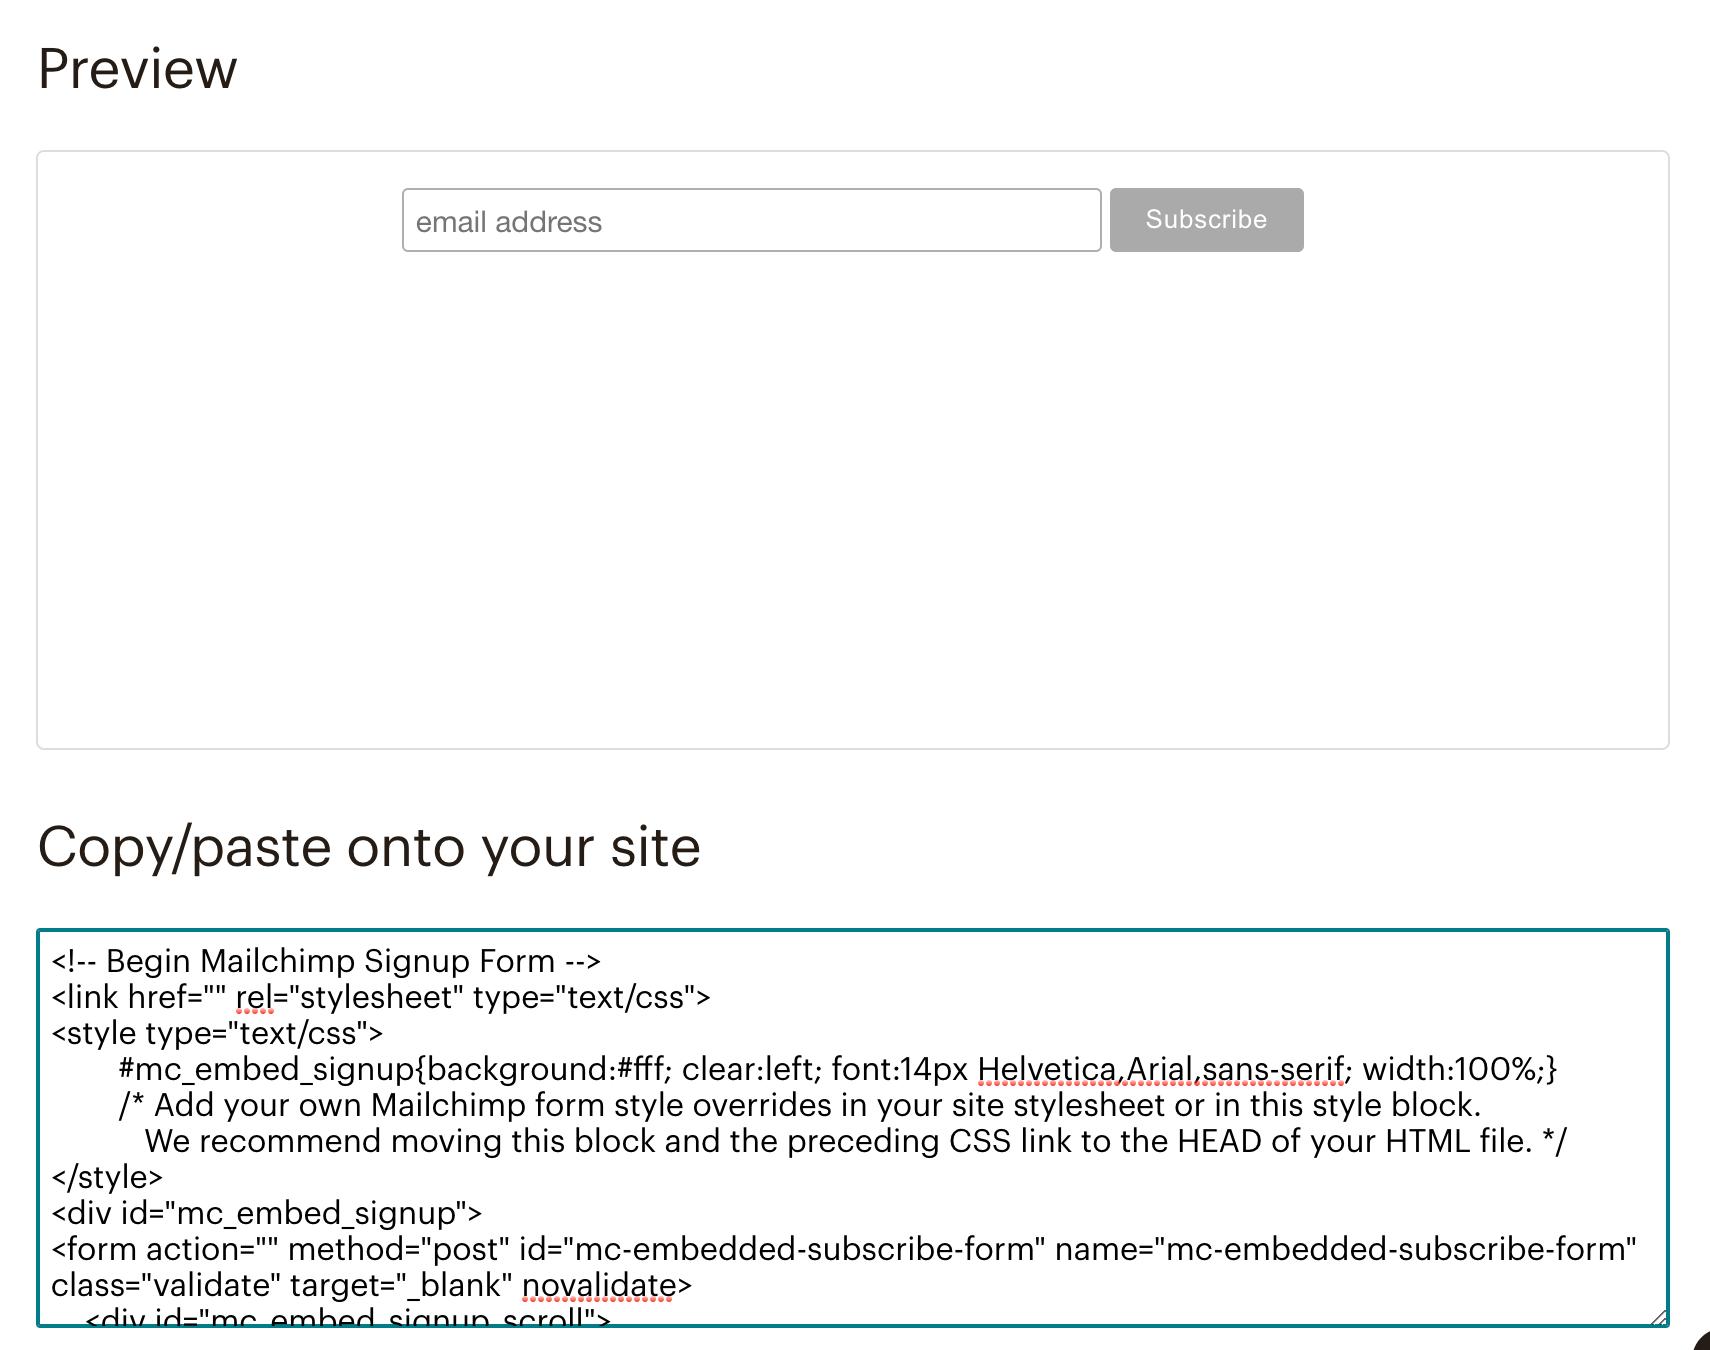 Screenshot 2020-09-27 at 19.06.12.png